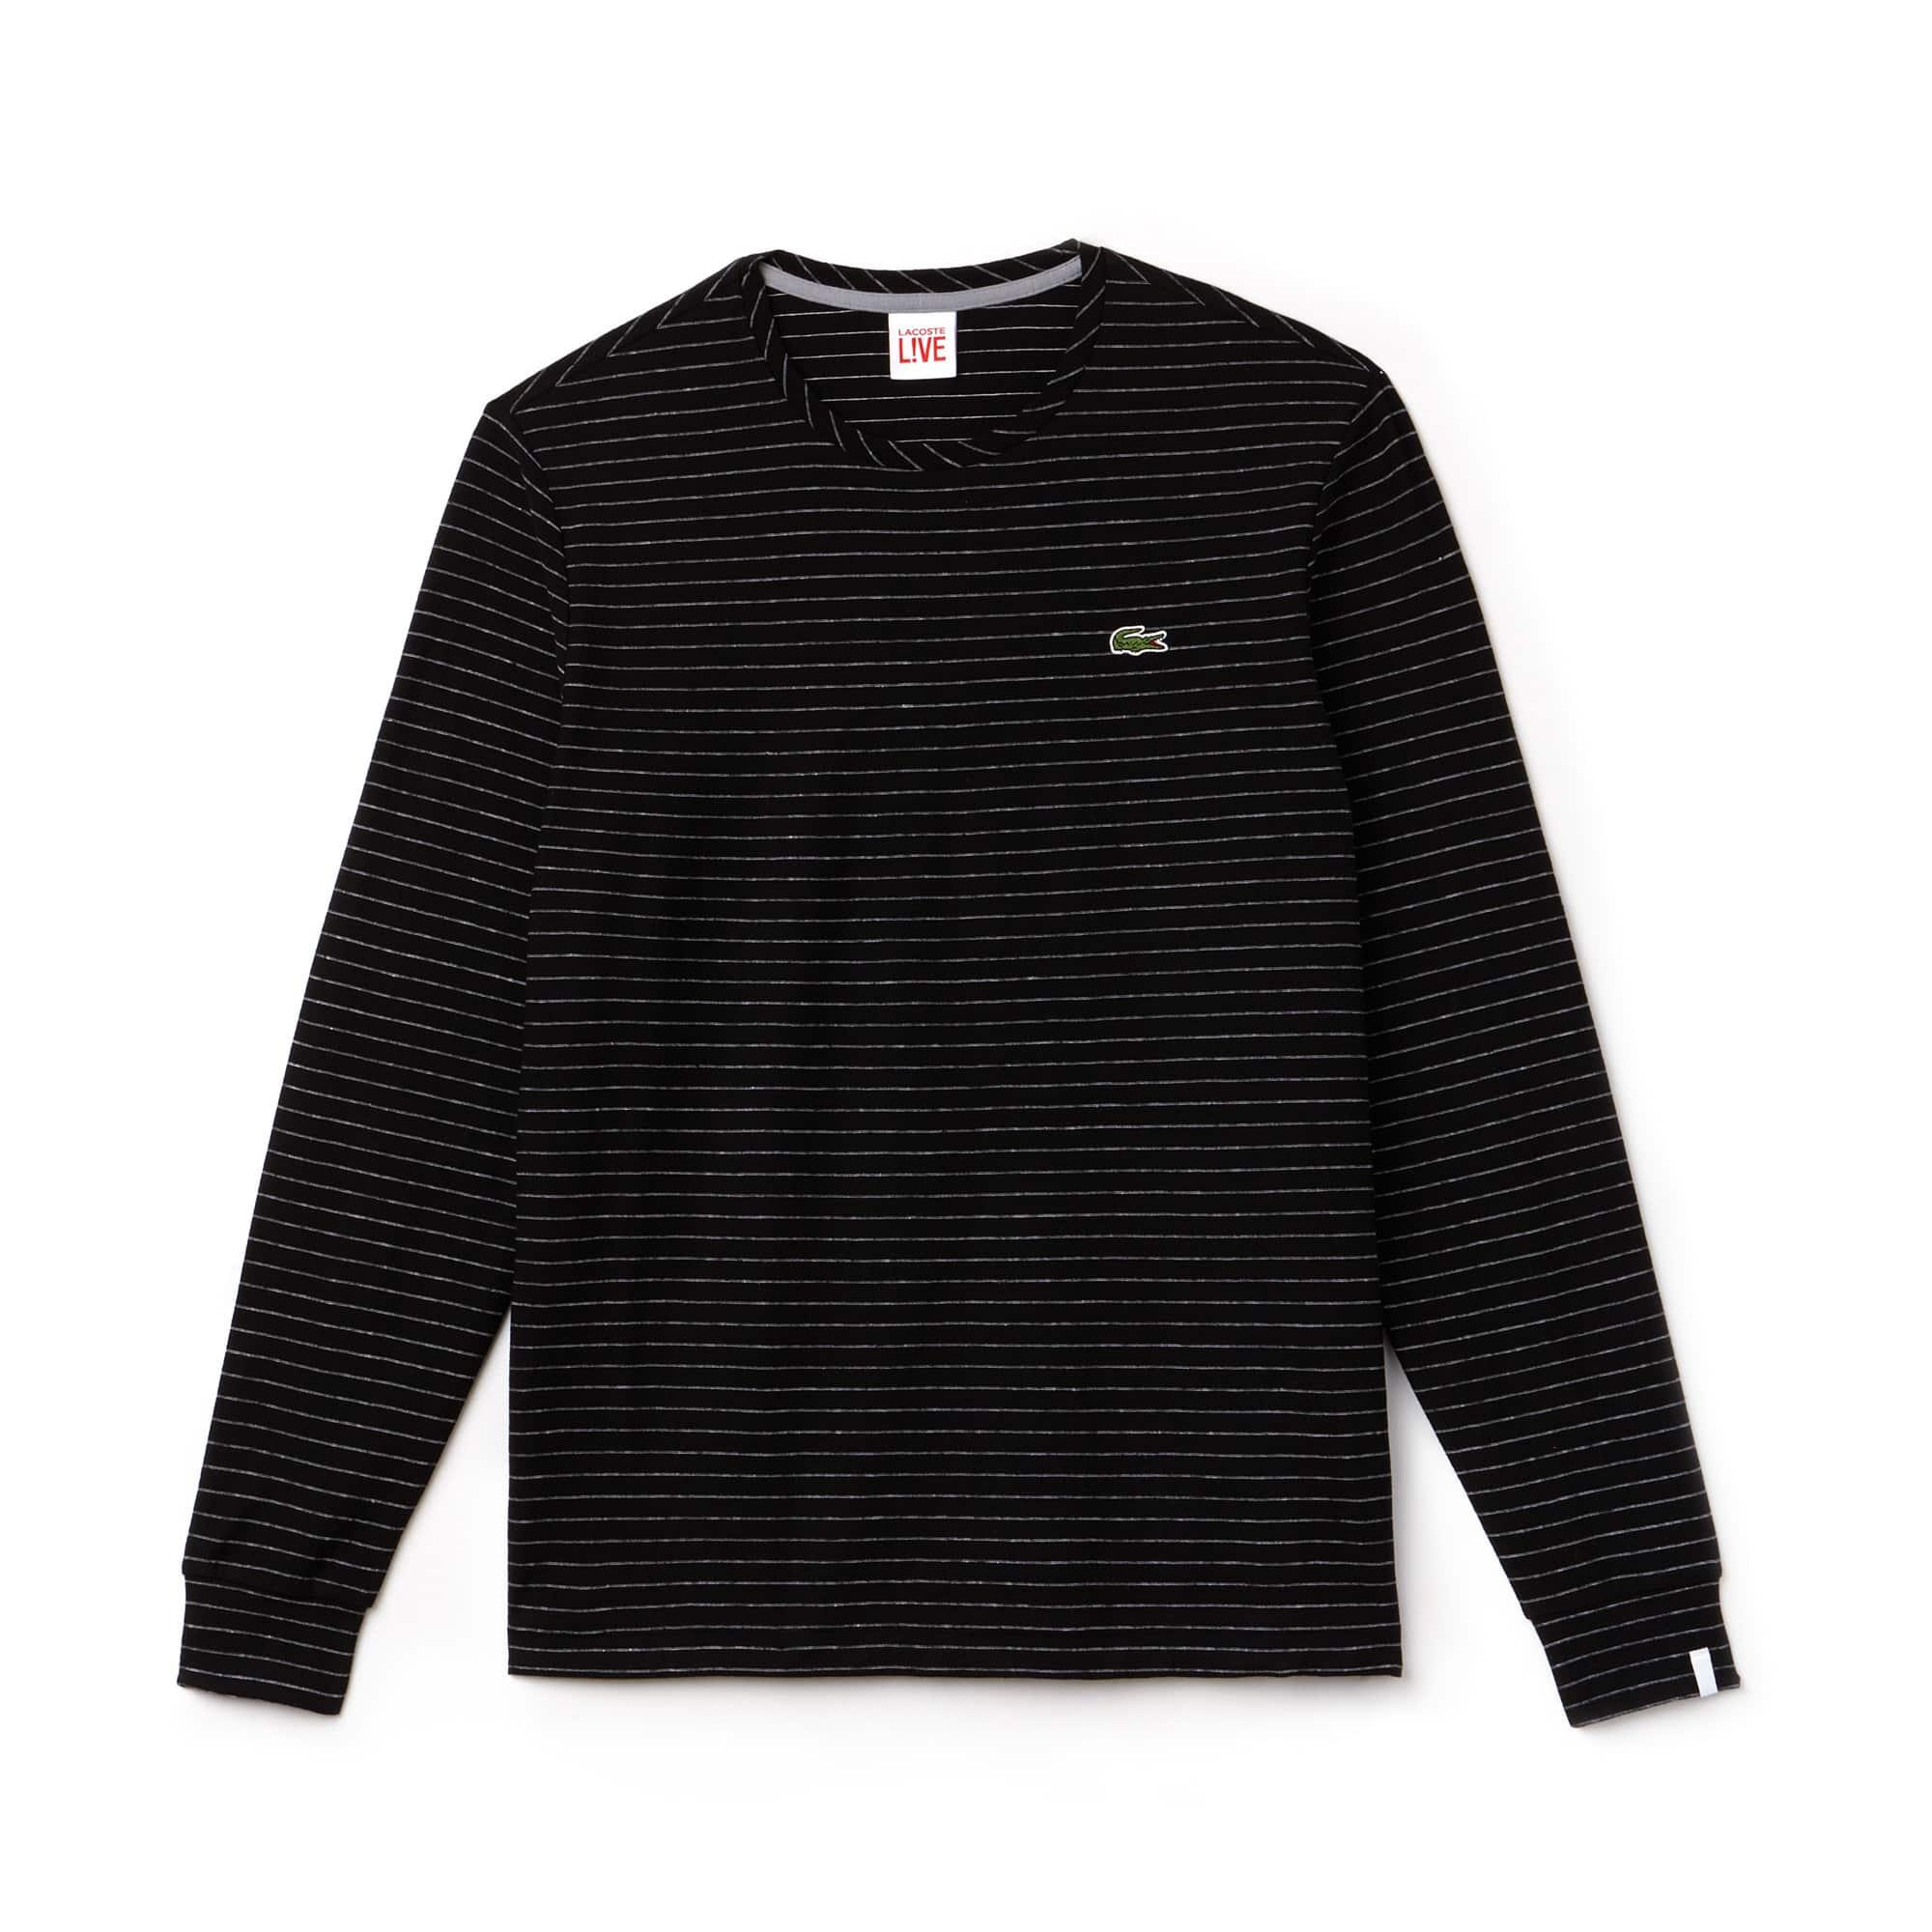 T-shirt de manga comprida Lacoste LIVE em jersey de algodão e linho às riscas